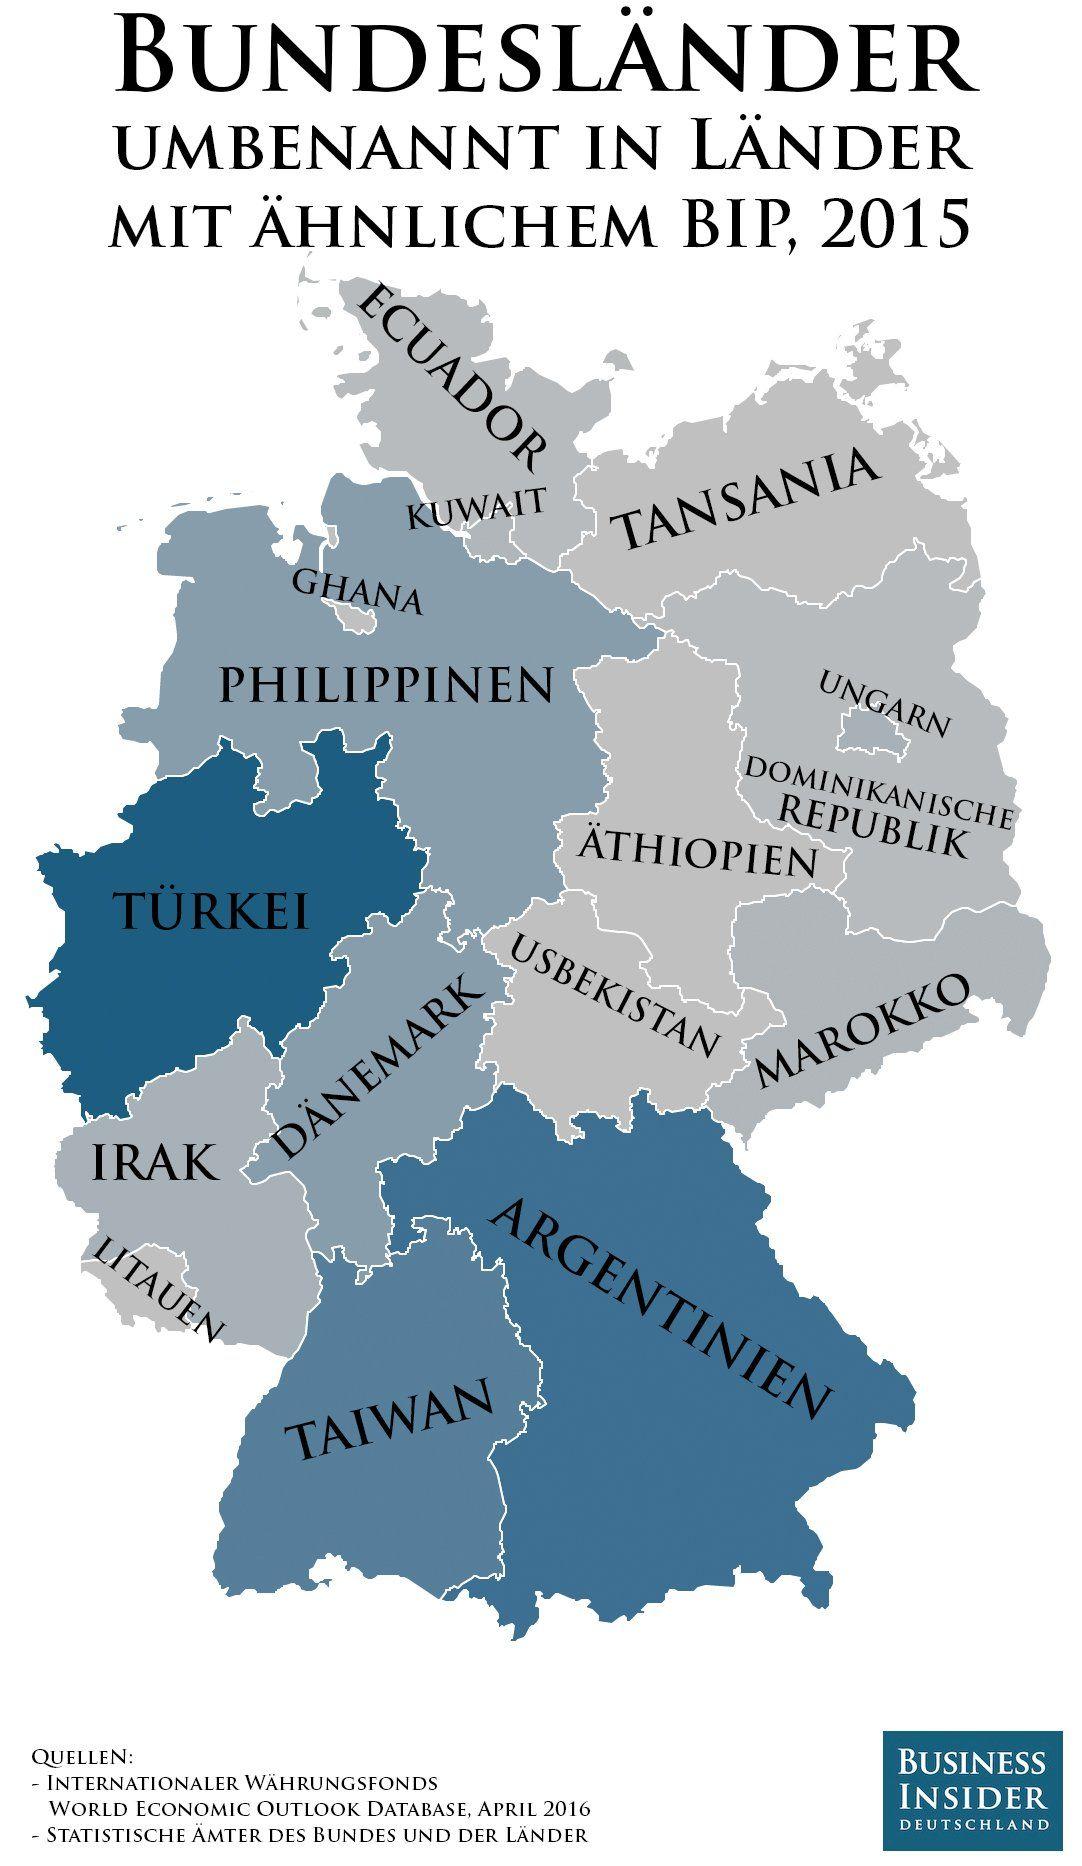 Bundesland Bremen Karte.Bayern Wie Argentinien Bremen Wie Ghana Karte Zeigt Wie